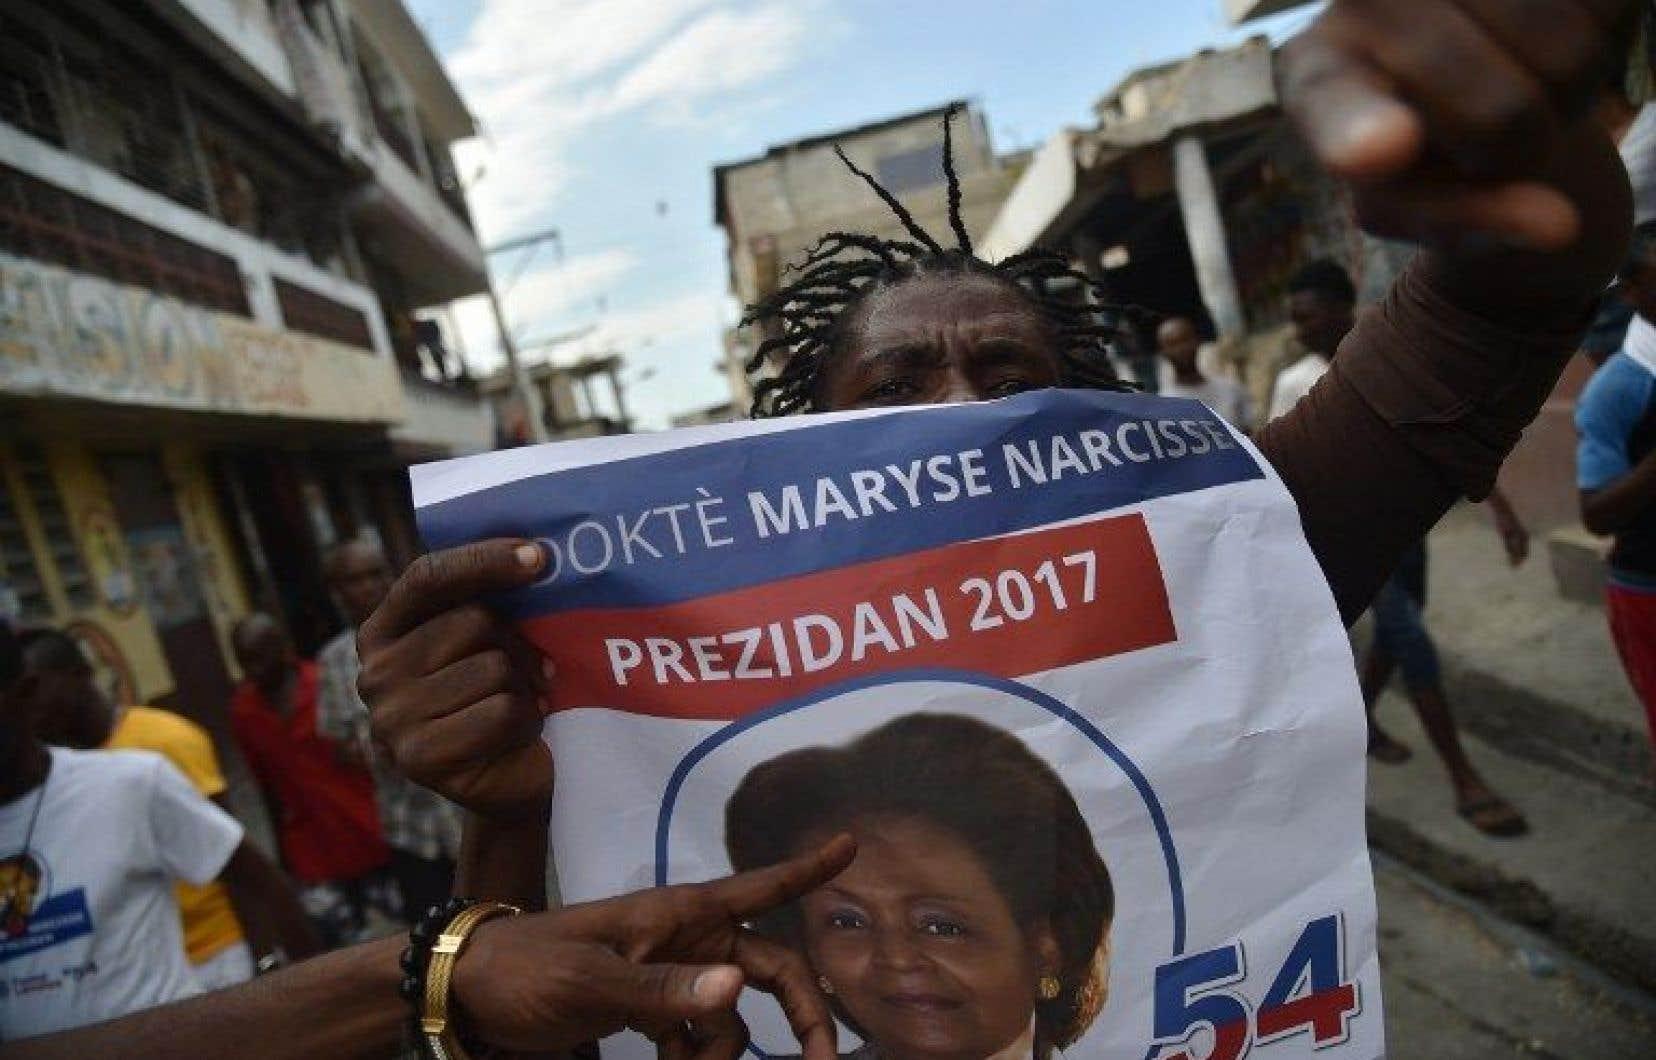 Dimanche, près de 6,2millions d'électeurs haïtiens se sont rendus dans les bureaux de vote pour élire le président ainsi que des députés et des sénateurs.